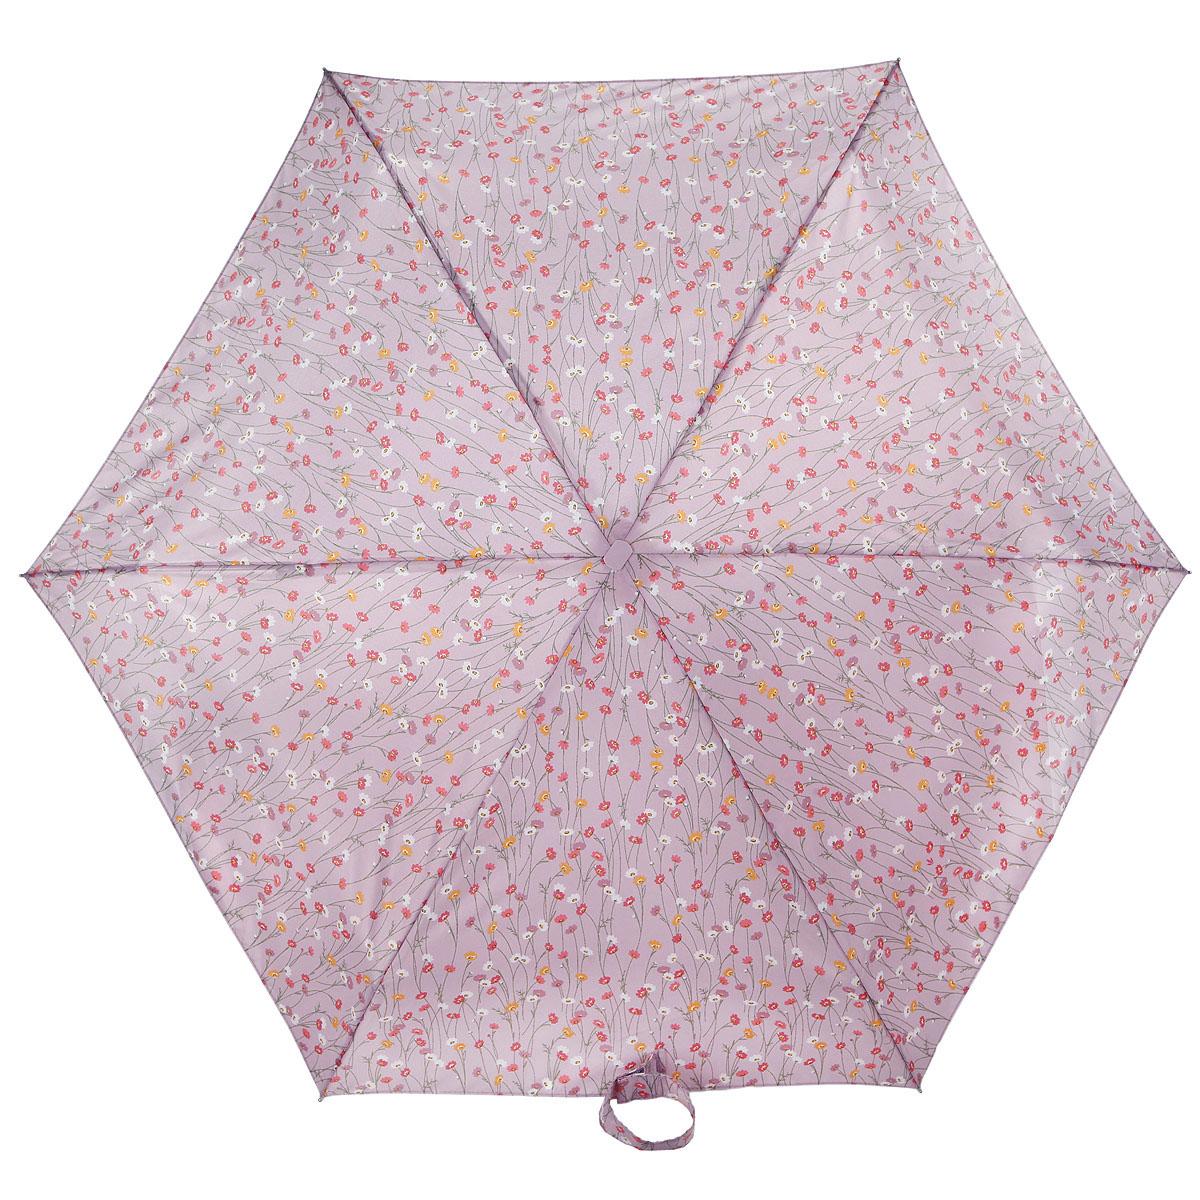 Зонт женский Fulton Tiny-2. Spring Fair, механический, 5 сложений, цвет: сиреневый. L501-29248L035081M/35449/2900NОчаровательный механический зонт Tiny-2. Spring Fair в 5 сложений изготовлен из высокопрочных материалов. Каркас зонта состоит из 6 спиц и прочного алюминиевого стержня. Купол зонта выполнен из прочного полиэстера с водоотталкивающей пропиткой и оформлен рисунком в виде цветов. Рукоятка изготовлена из пластика.Зонт имеет механический механизм сложения: купол открывается и закрывается вручную до характерного щелчка.Небольшой шнурок, расположенный на рукоятке, позволяет надеть изделие на руку при необходимости. Модель закрывается при помощи хлястика на застежку-липучку. К зонту прилагается чехол.Прелестный зонт не только выручит вас в ненастную погоду, но и станет стильным аксессуаром, прекрасно дополнит ваш модный образ. Необыкновенно компактный зонт с легкостью поместится в маленькую сумочку